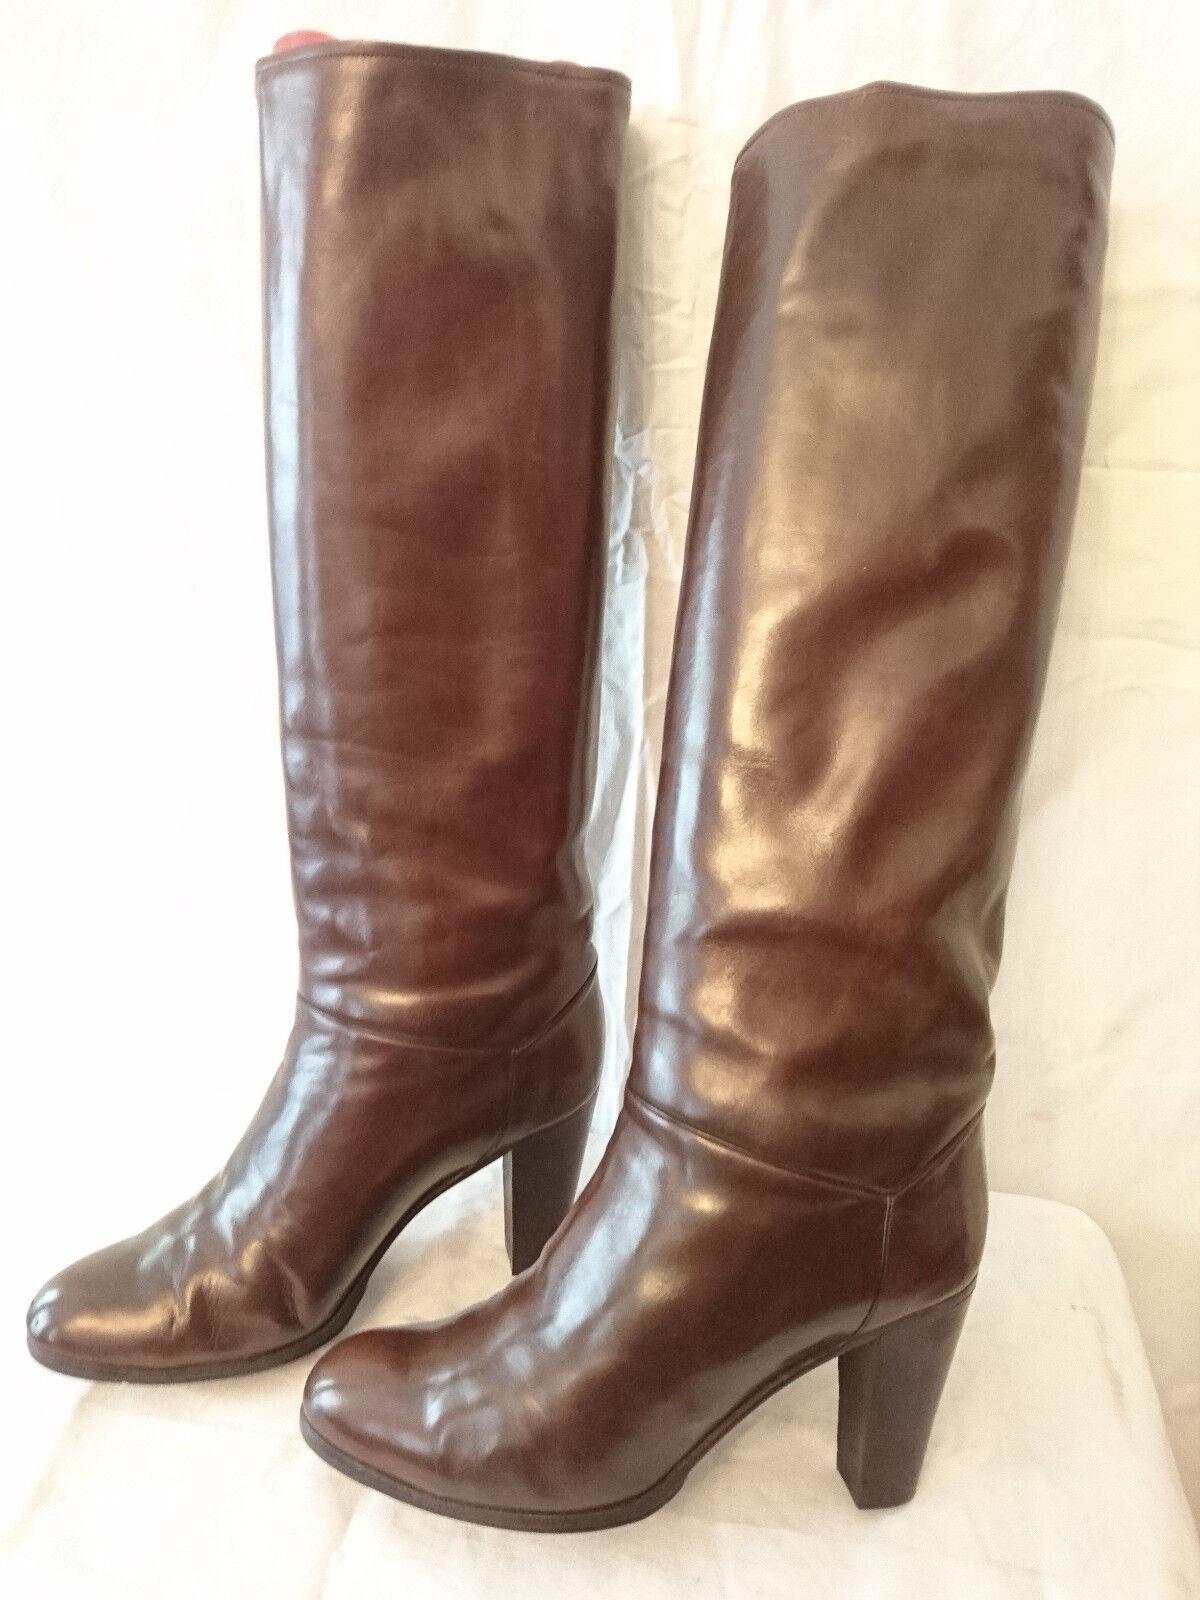 botas Vintage 1982   marrón marrón marrón   - JEAN BADY France  ---    T. 3,5  -  36,5  varios tamaños